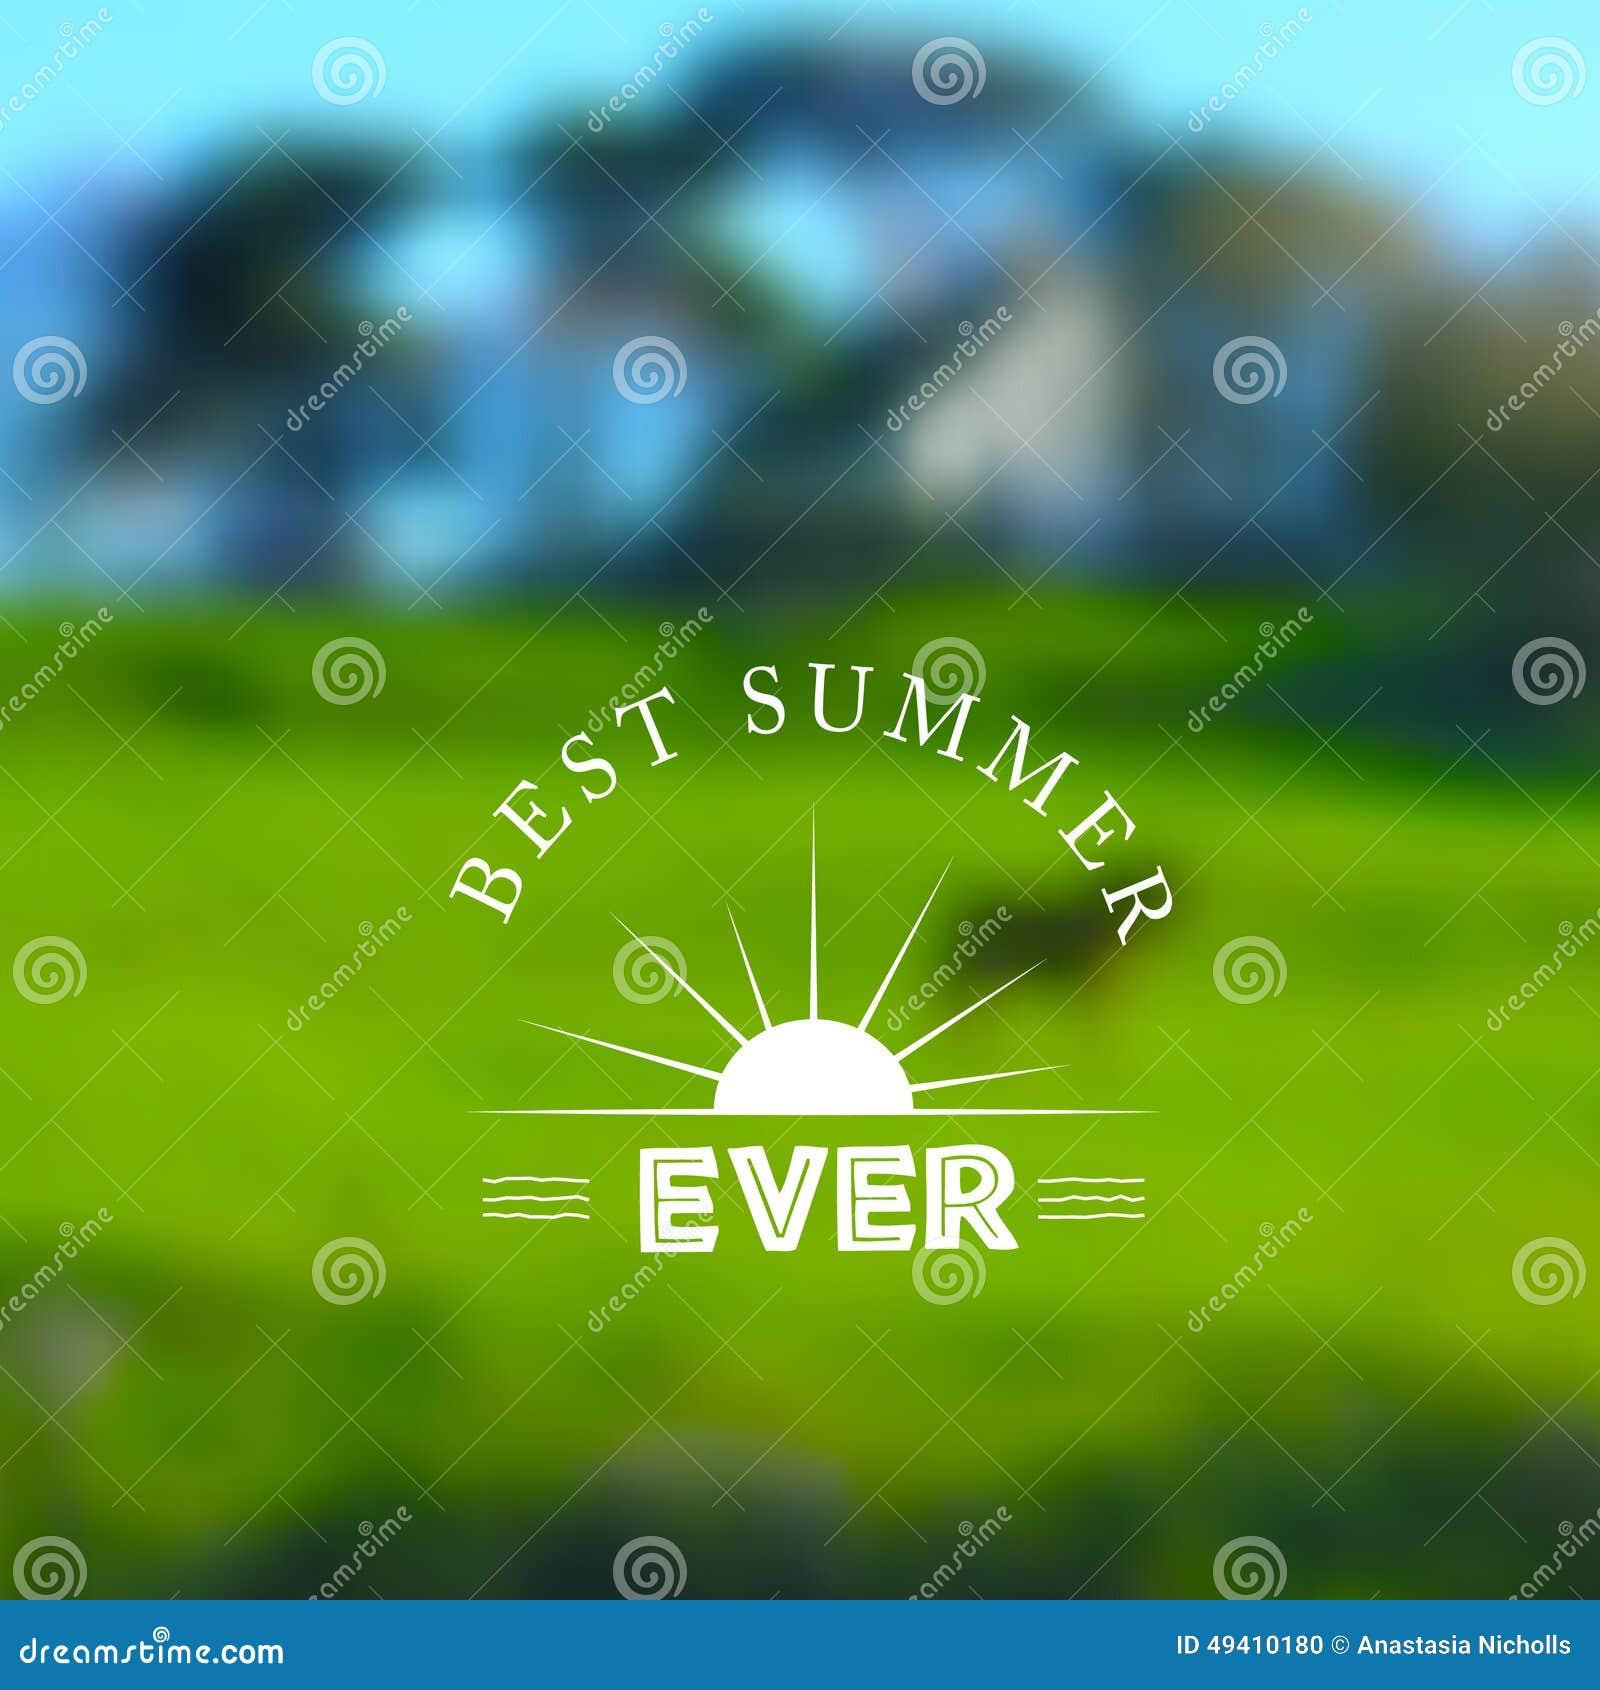 Download Logo Mit Undeutlichem Foto Als Hintergrund Vektor Abbildung - Illustration von verwischt, ineinandergreifen: 49410180